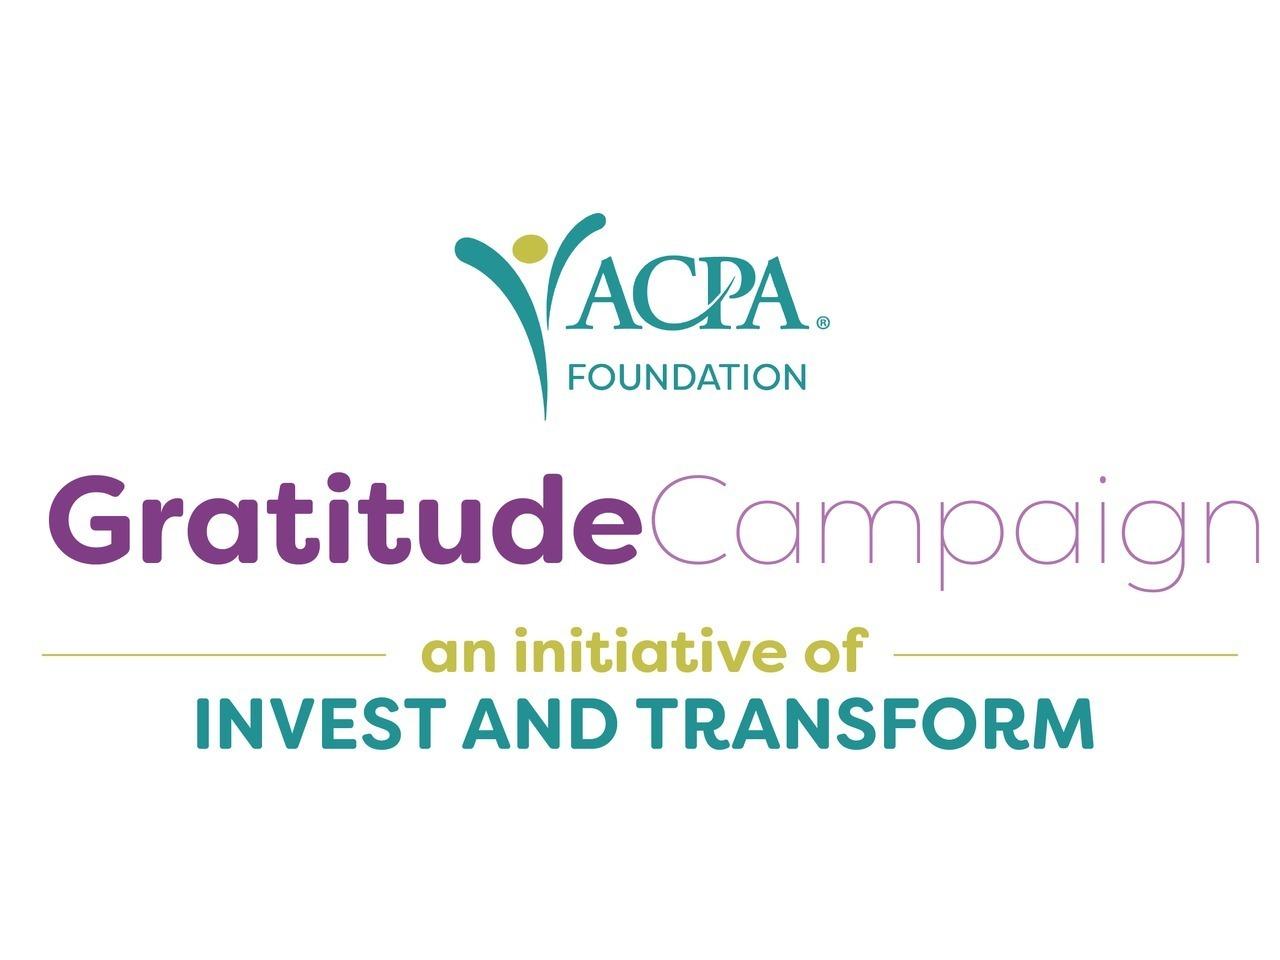 The 2020 Gratitude Campaign